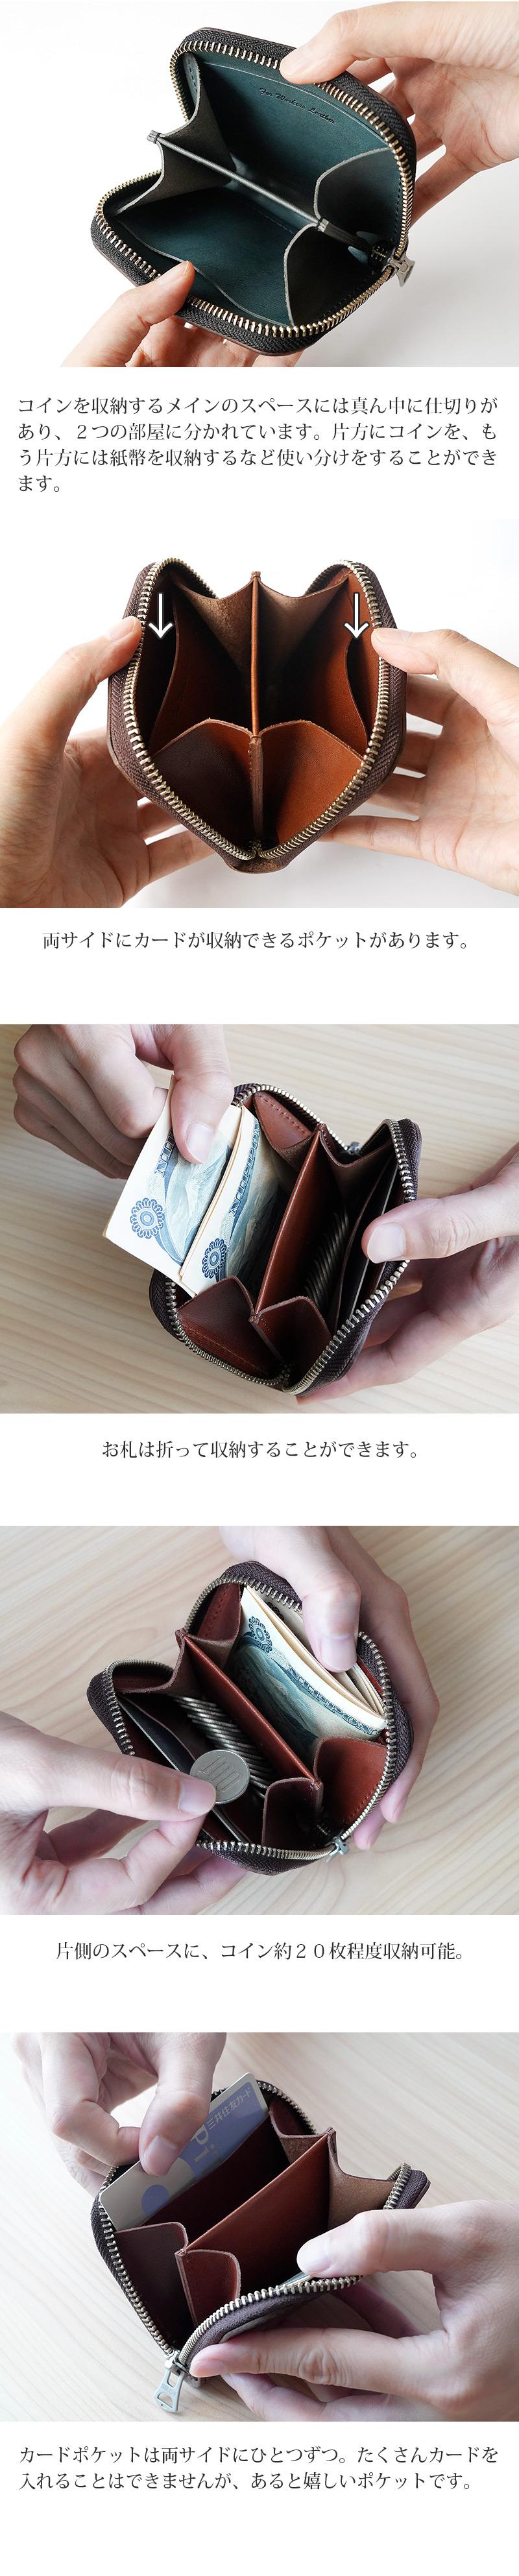 コインを収納するメインのスペースには真ん中に仕切りがあり、2つの部屋に分かれています。片方にコインを、もう片方には紙幣を収納するなど使い分けをすることができます。